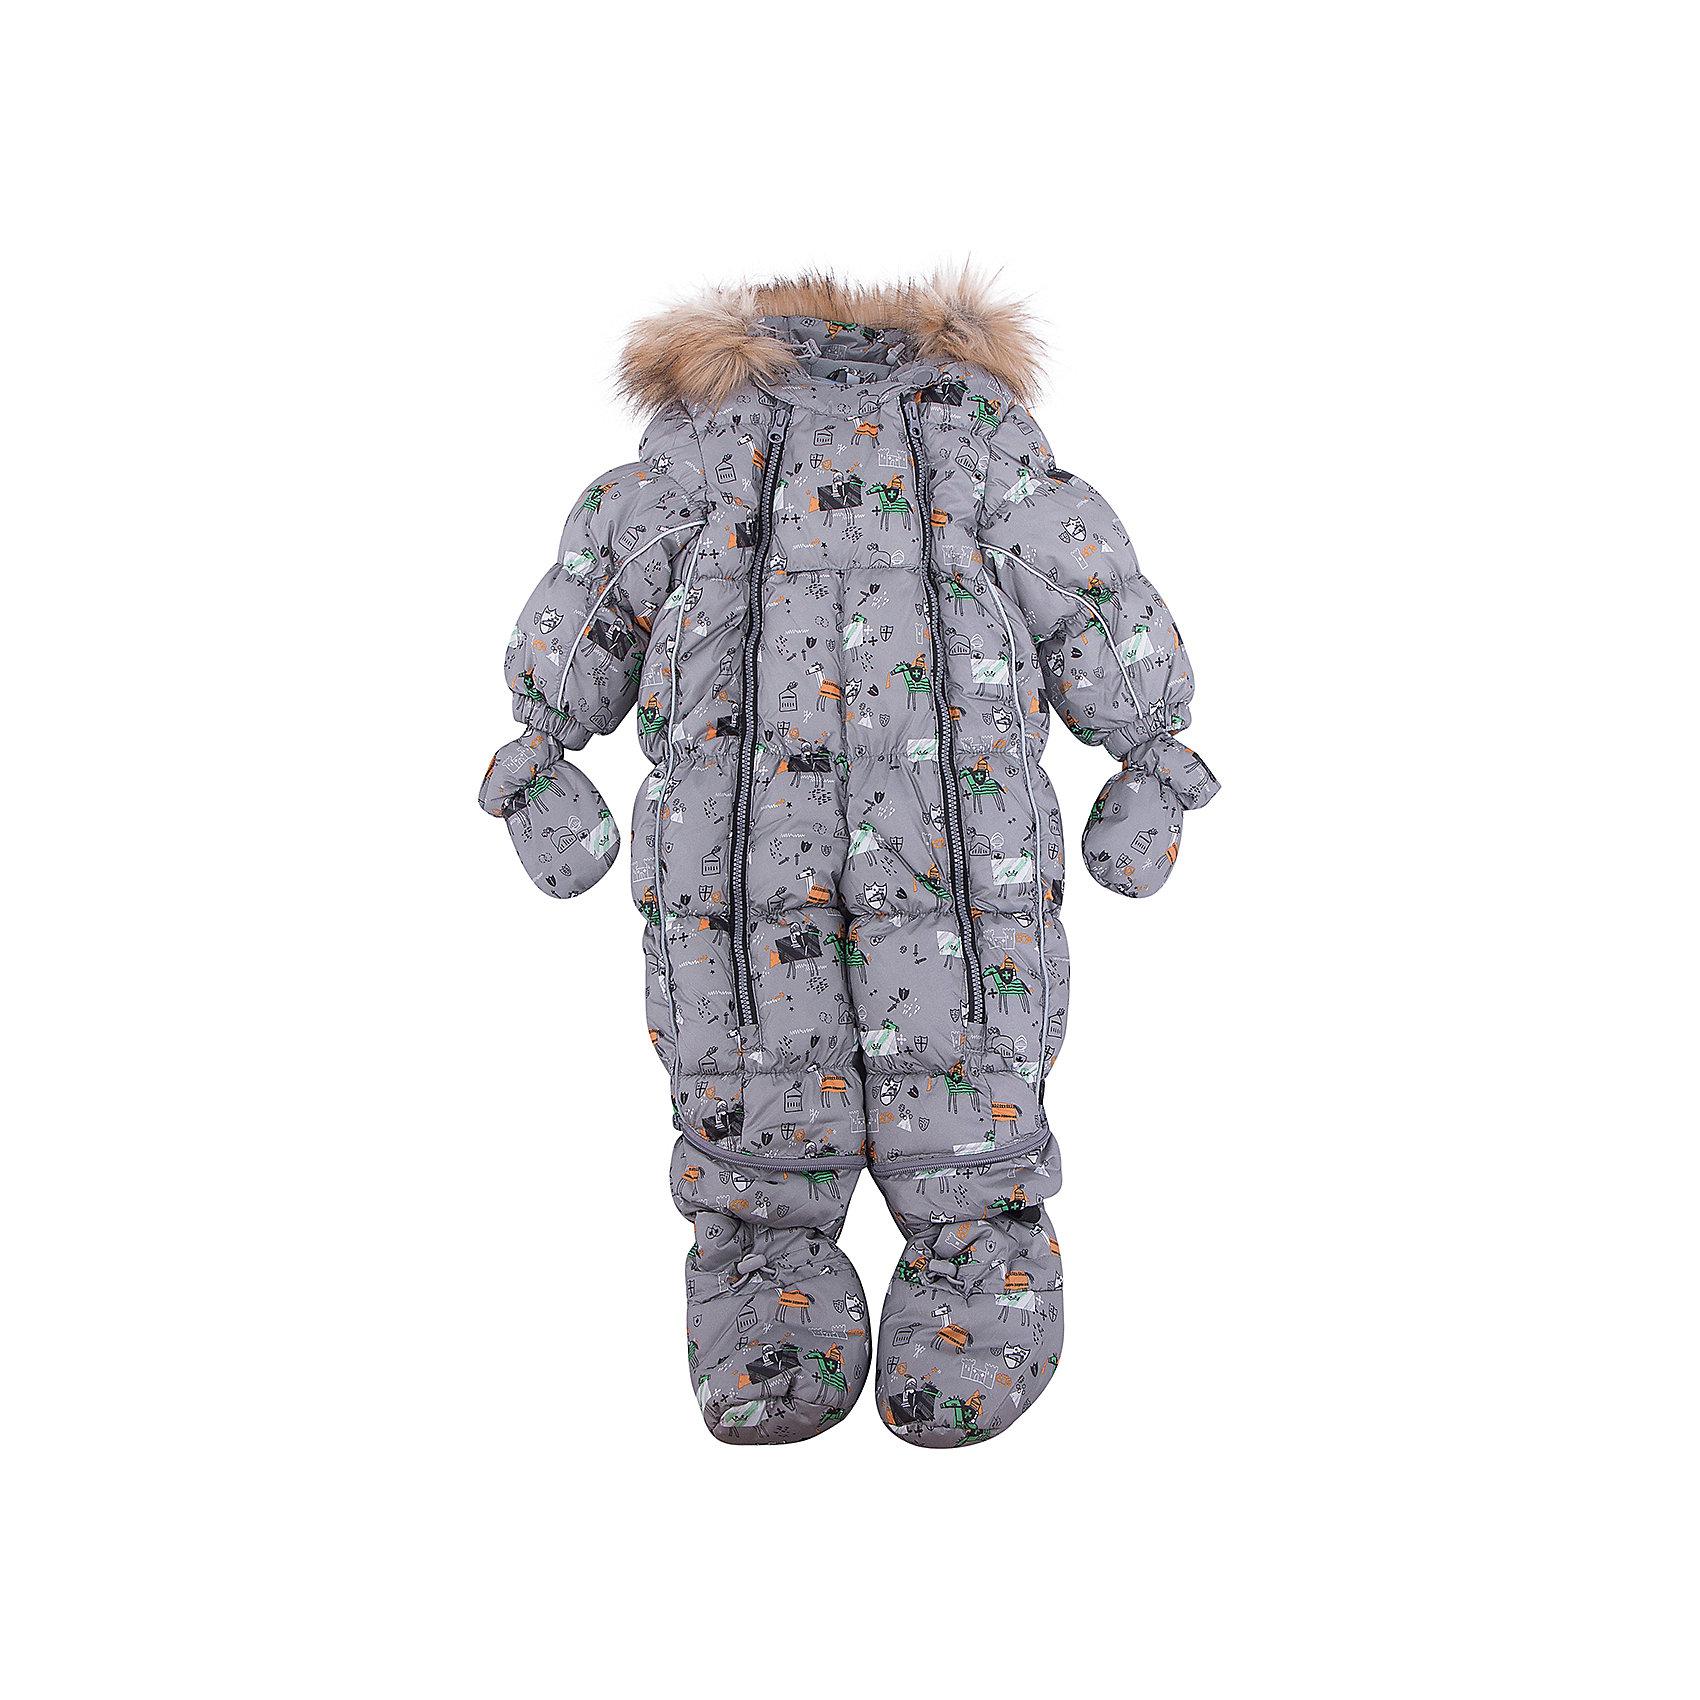 Комбинезон-трансформер Морис OLDOS для мальчикаВерхняя одежда<br>Характеристики товара:<br><br>• цвет: серый<br>• состав ткани: 100% полиэстер, пропитка PU, Teflon<br>• подкладка: хлопок<br>• утеплитель: искусственный лебяжий пух<br>• сезон: зима<br>• температурный режим: от -35 до 0<br>• застежка: молния<br>• капюшон: с мехом, несъемный<br>• пинетки, варежки, опушка отстегиваются<br>• трансформируется в конверт<br>• страна бренда: Россия<br>• страна изготовитель: Россия<br><br>Верх этого детского комбинезона - с пропиткой от грязи и влаги. Мягкая подкладка детского комбинезона-трансформера для зимы приятна на ощупь. Удобный комбинезон-трансформер для мальчика дополнен съемными пинетками и варежками. Комбинезон-трансформер позволяет создать комфортный микроклимат даже в сильные морозы.<br><br>Комбинезон-трансформер Морис Oldos (Олдос) для мальчика можно купить в нашем интернет-магазине.<br><br>Ширина мм: 356<br>Глубина мм: 10<br>Высота мм: 245<br>Вес г: 519<br>Цвет: серый<br>Возраст от месяцев: 6<br>Возраст до месяцев: 9<br>Пол: Мужской<br>Возраст: Детский<br>Размер: 74,86,80<br>SKU: 7016608